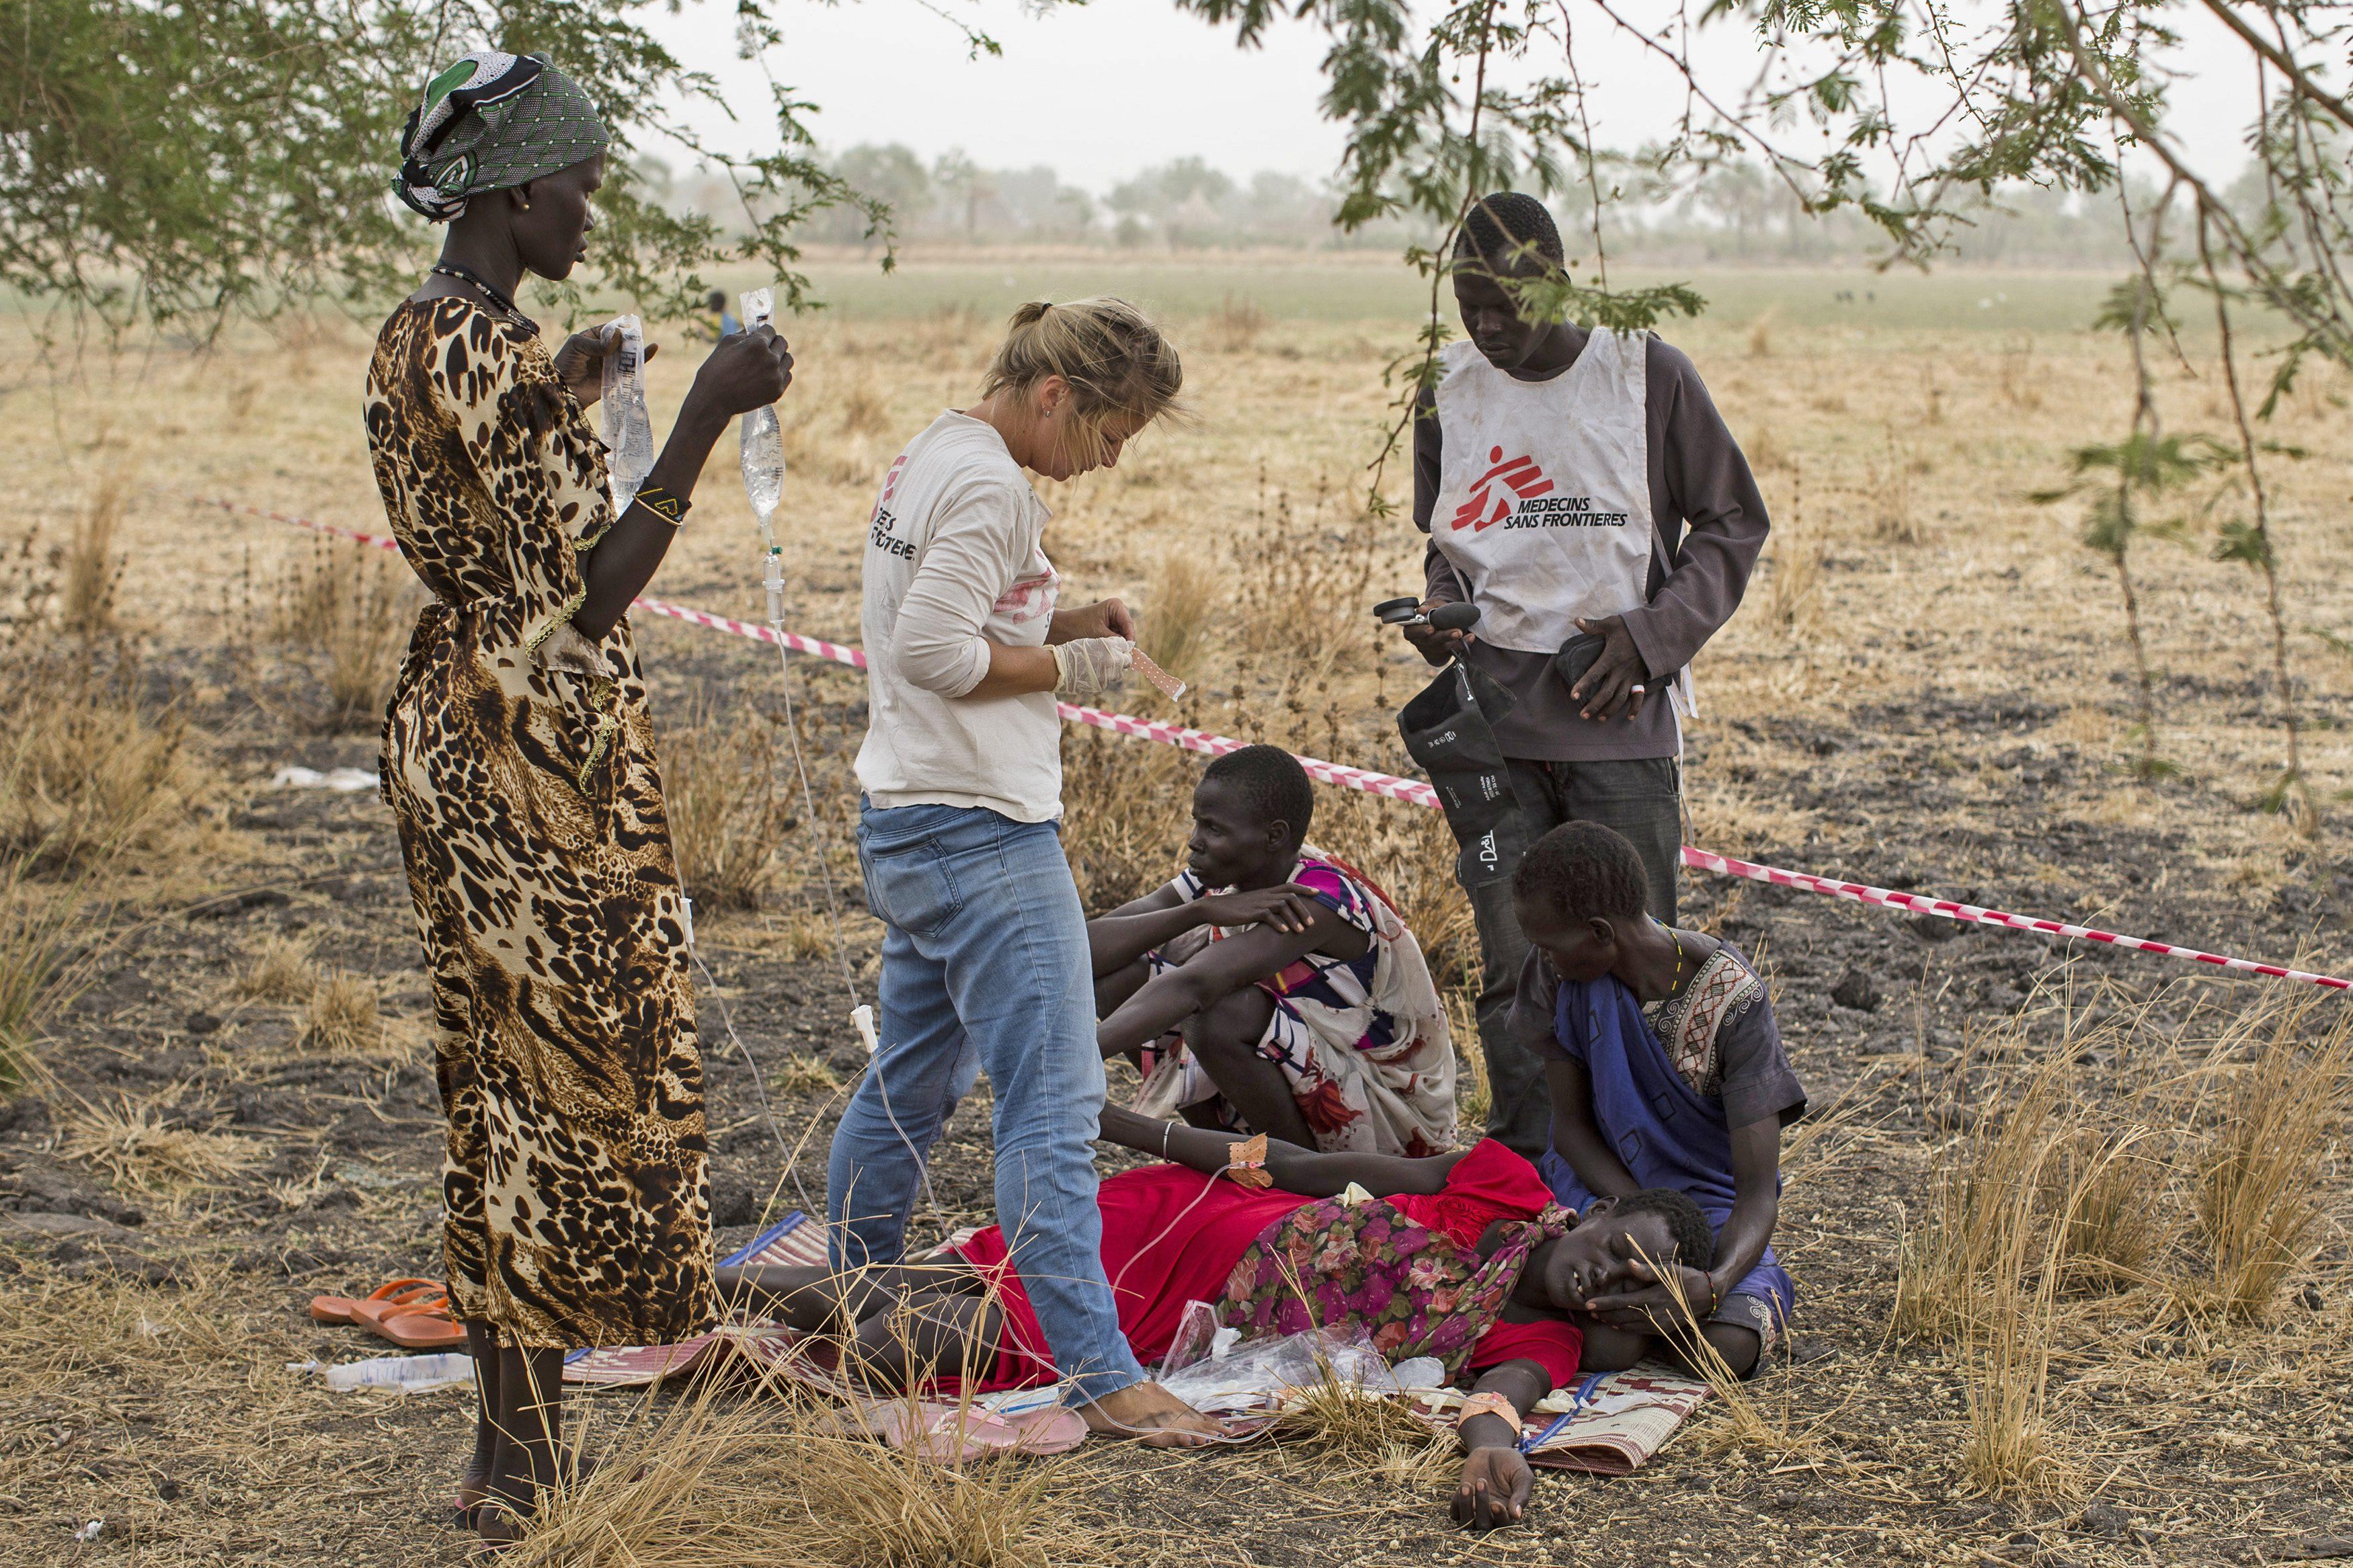 Gli operatori umanitari di Medici senza Frontiere al lavoro in Sud Sudan (Msf)